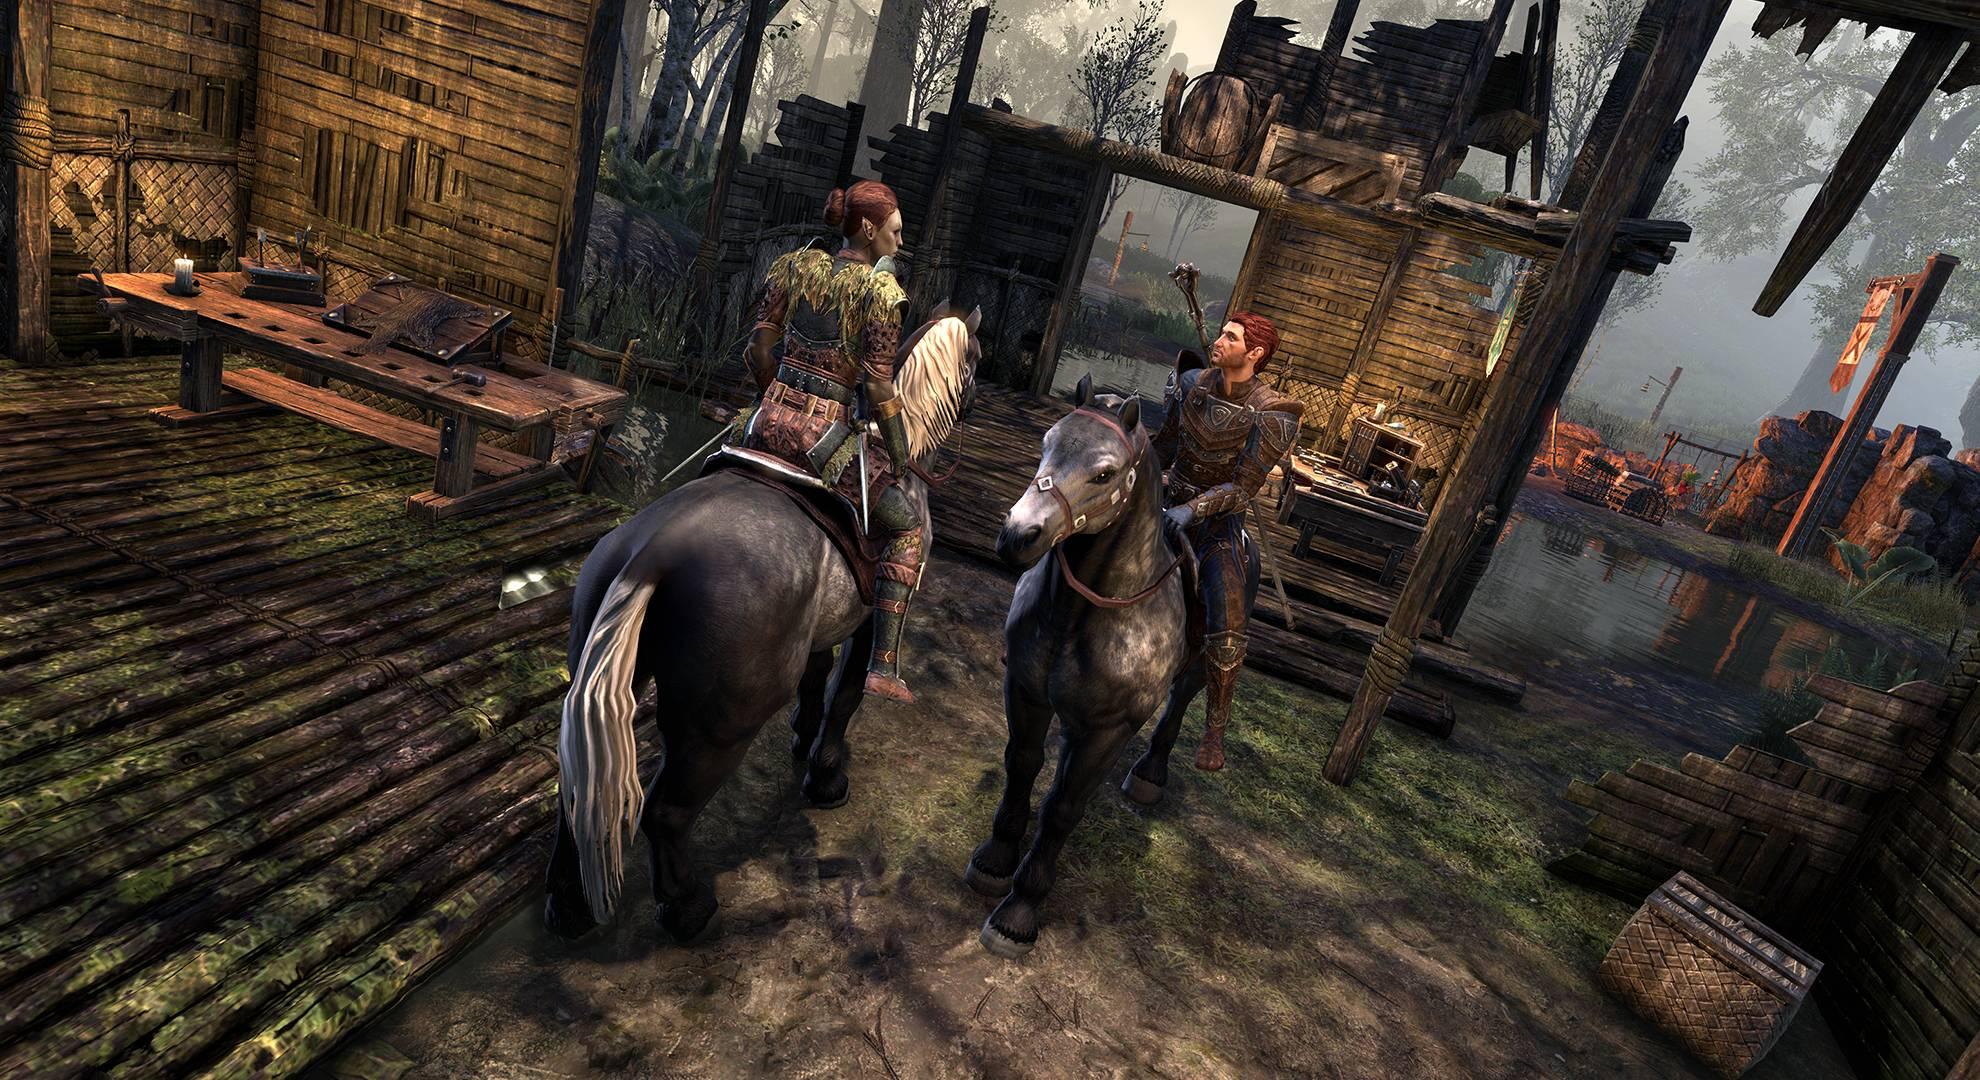 THE ELDER SCROLLS ONLINE per Xbox Series X|S e Playstation 5. Versione Migliorata